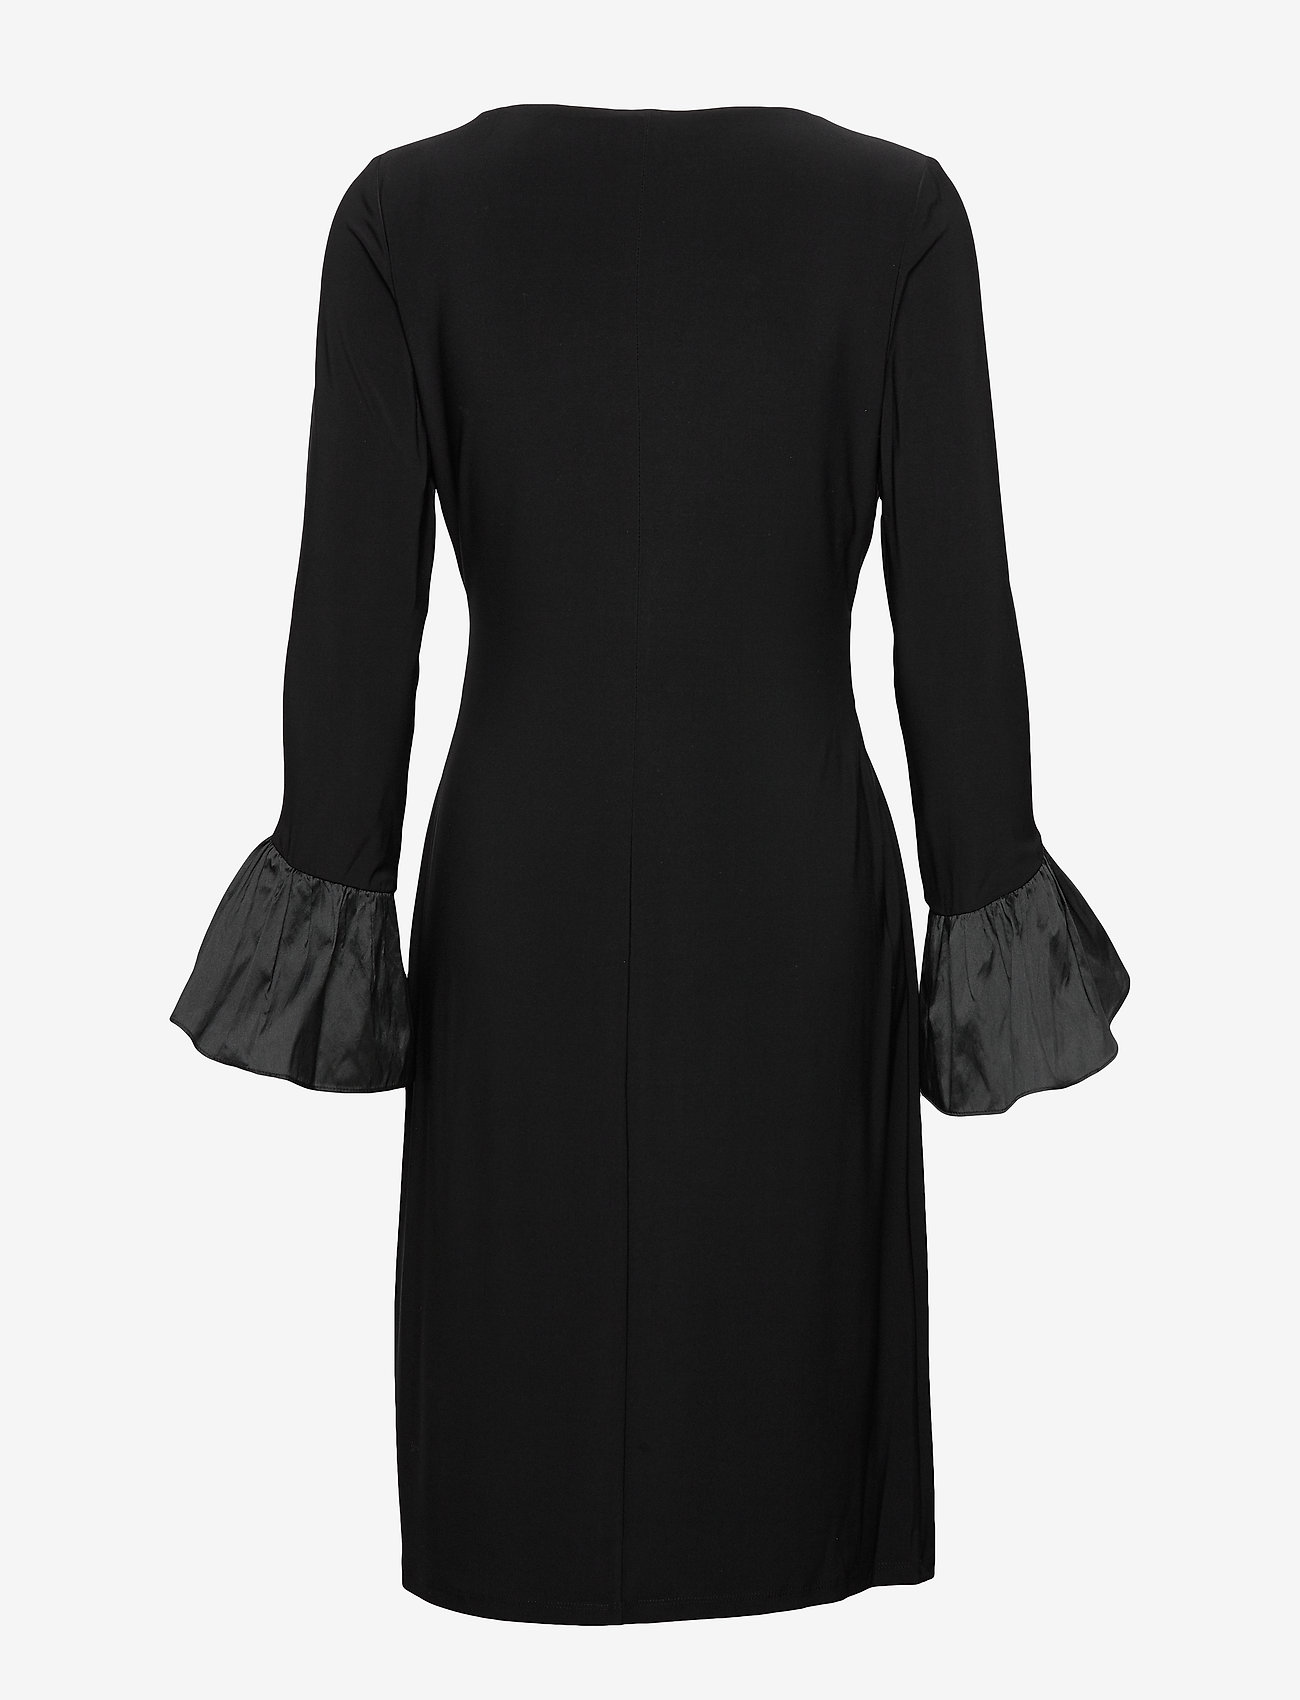 Lauren Ralph Lauren - Ruffled-Cuff Jersey Dress - wrap dresses - black - 1